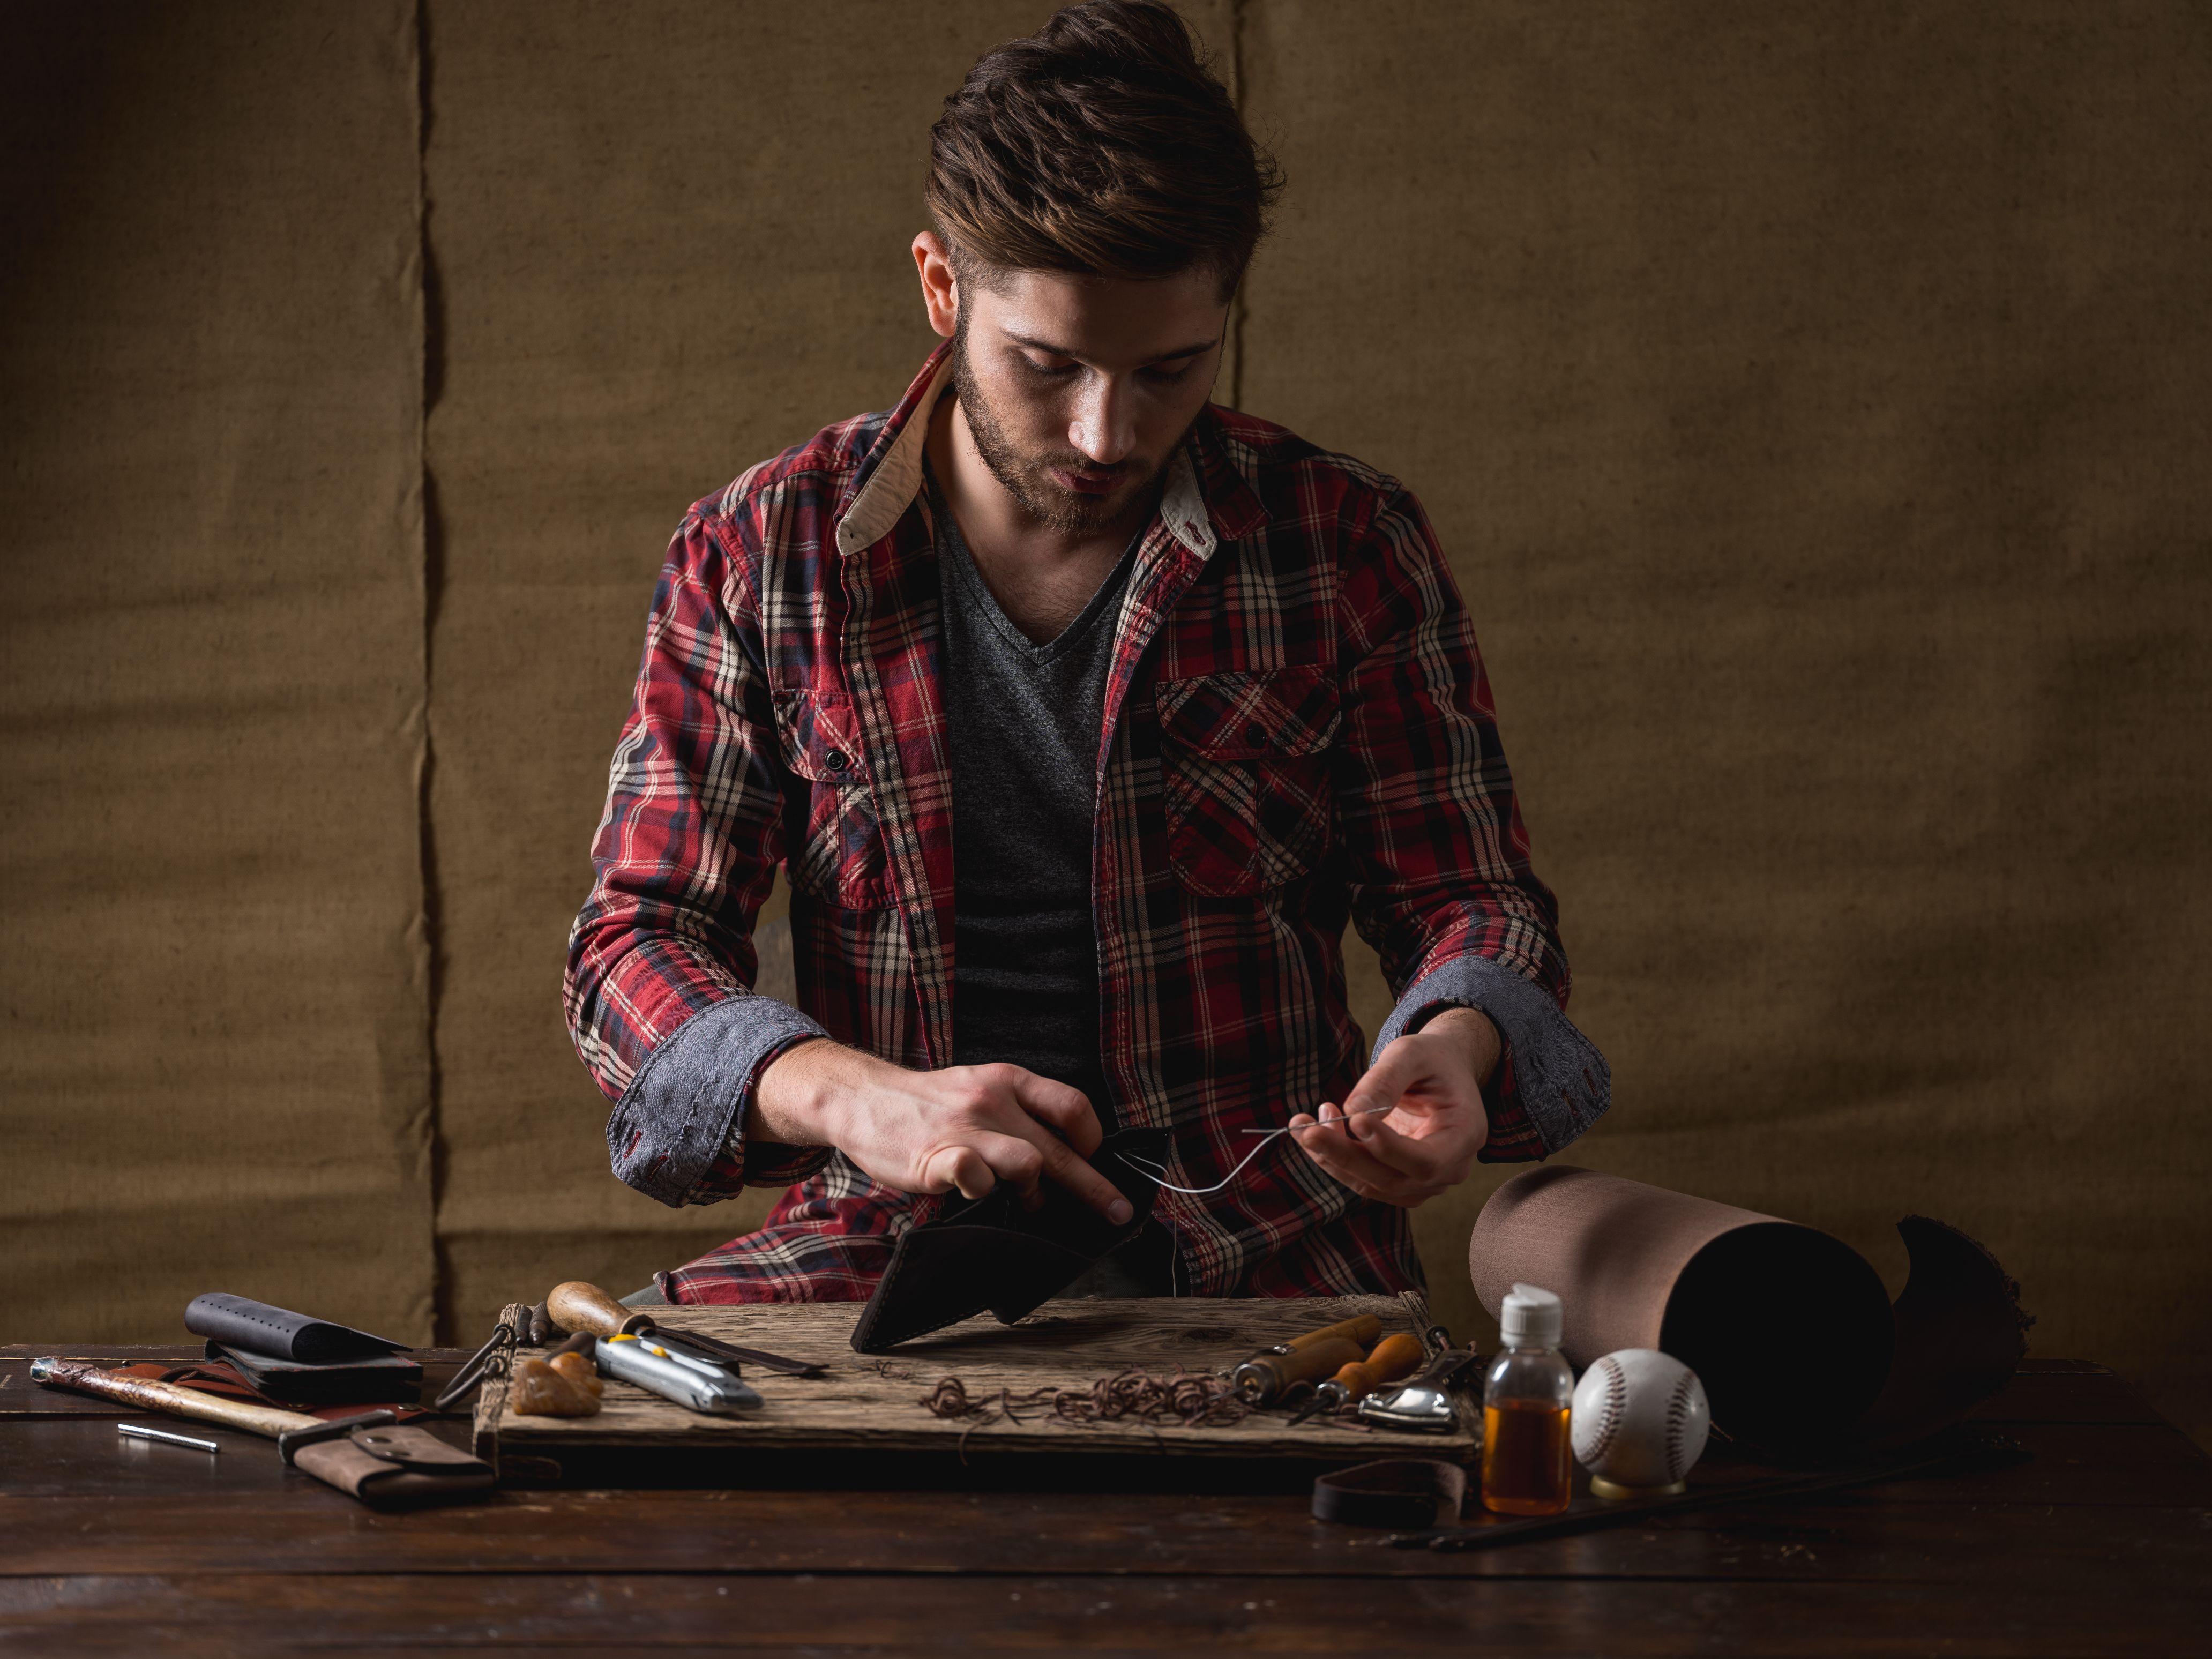 Leather Goods - Repair